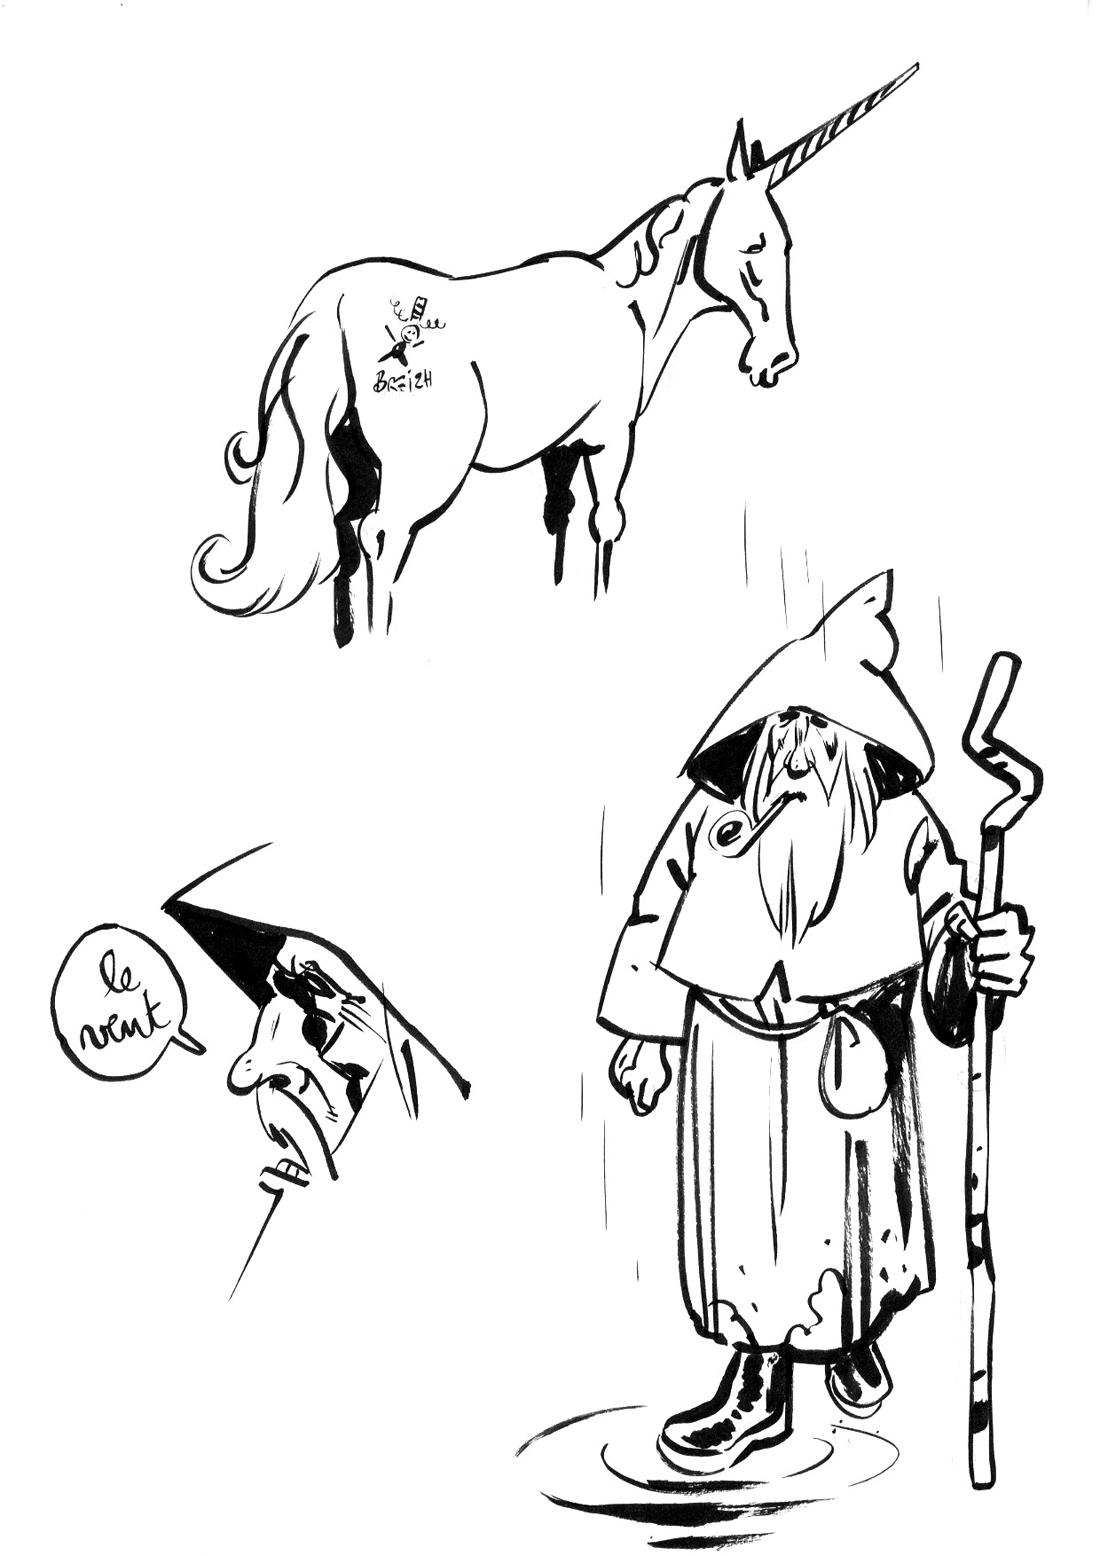 Santiagolf, recherche: Goudalf et la Licorne © B-gnet